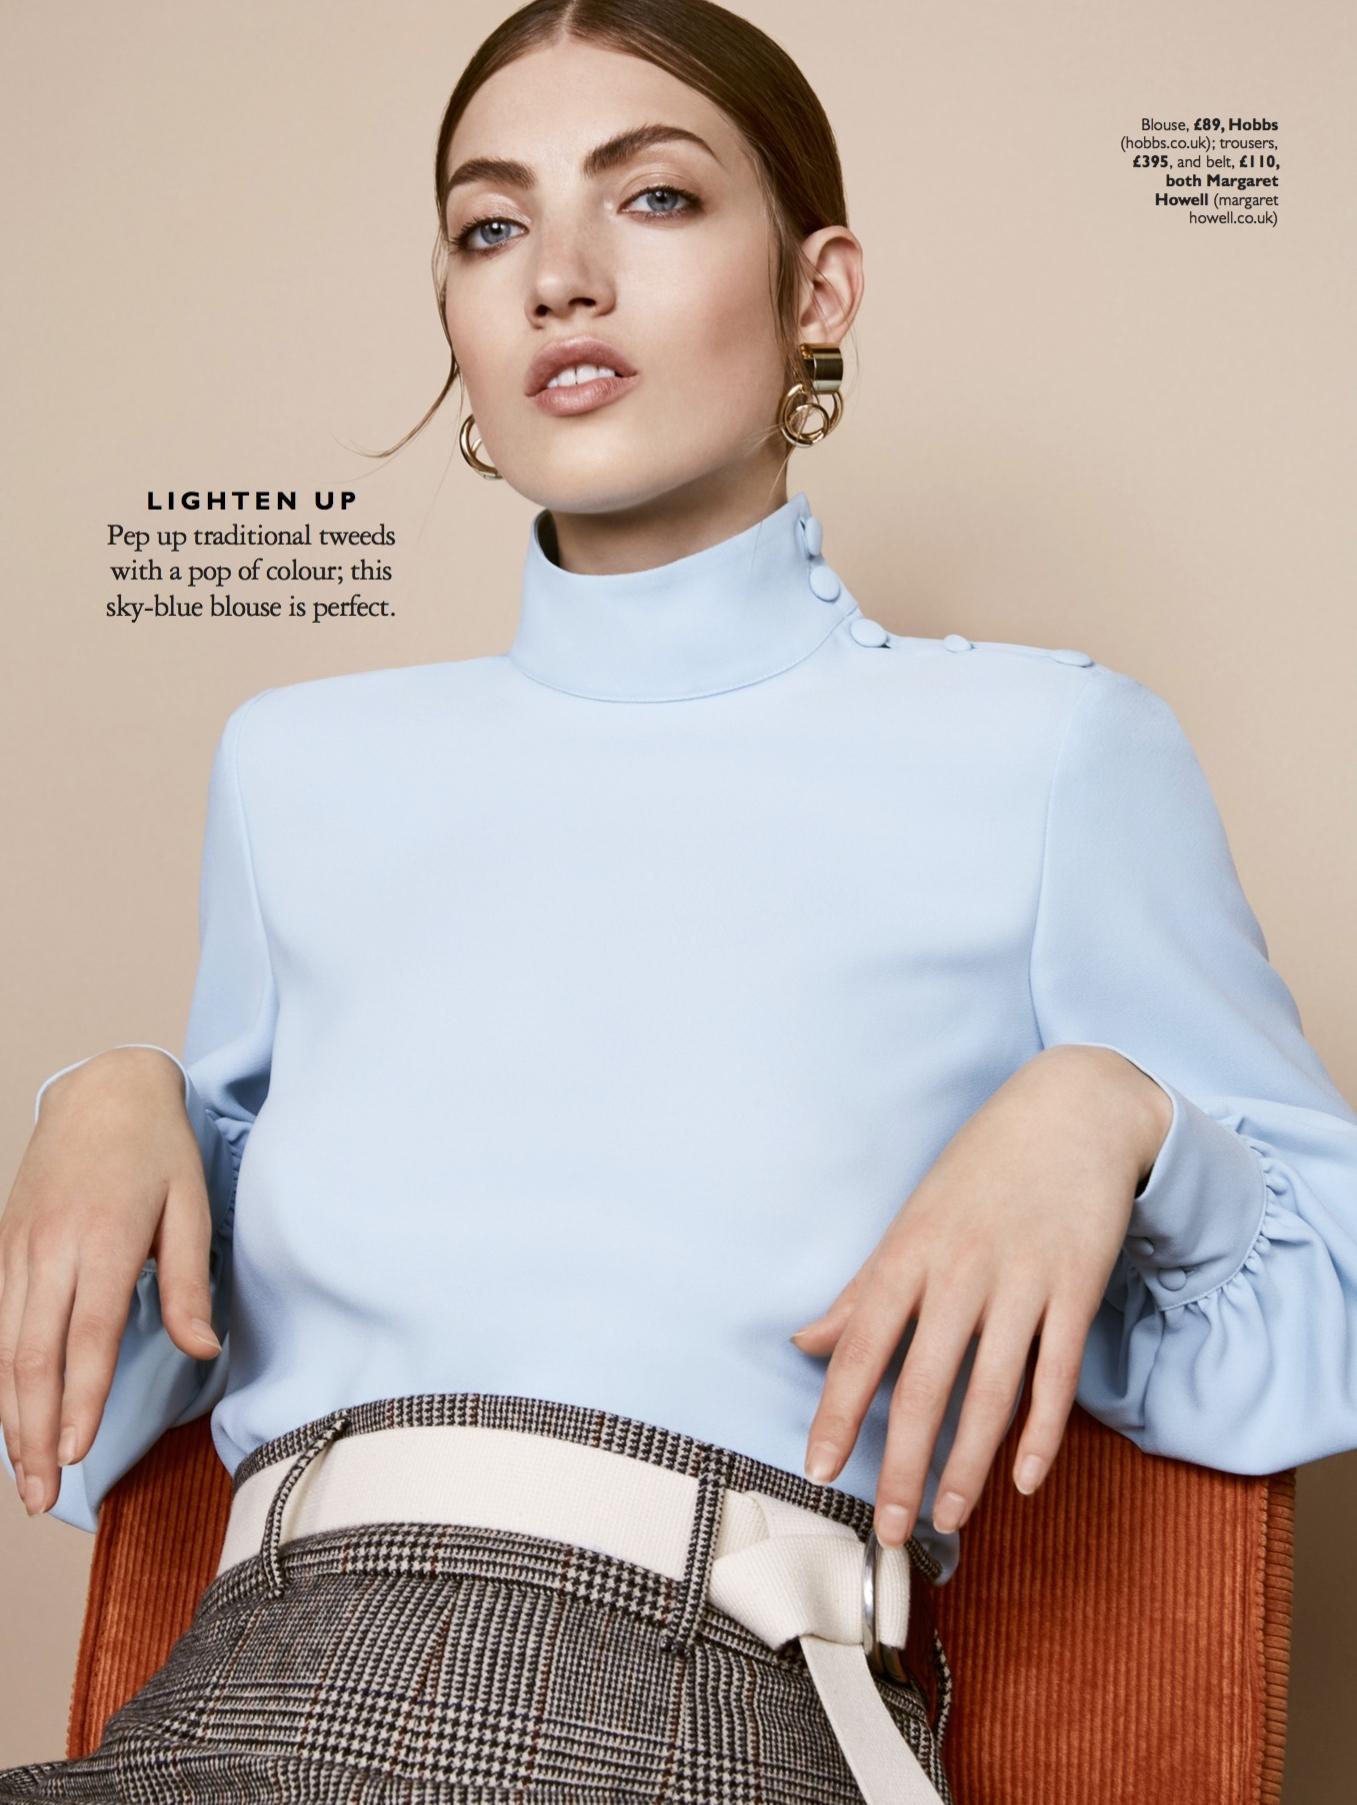 Fashion_Wardrobe Workshop Workwear_pdf_7 copy.jpg